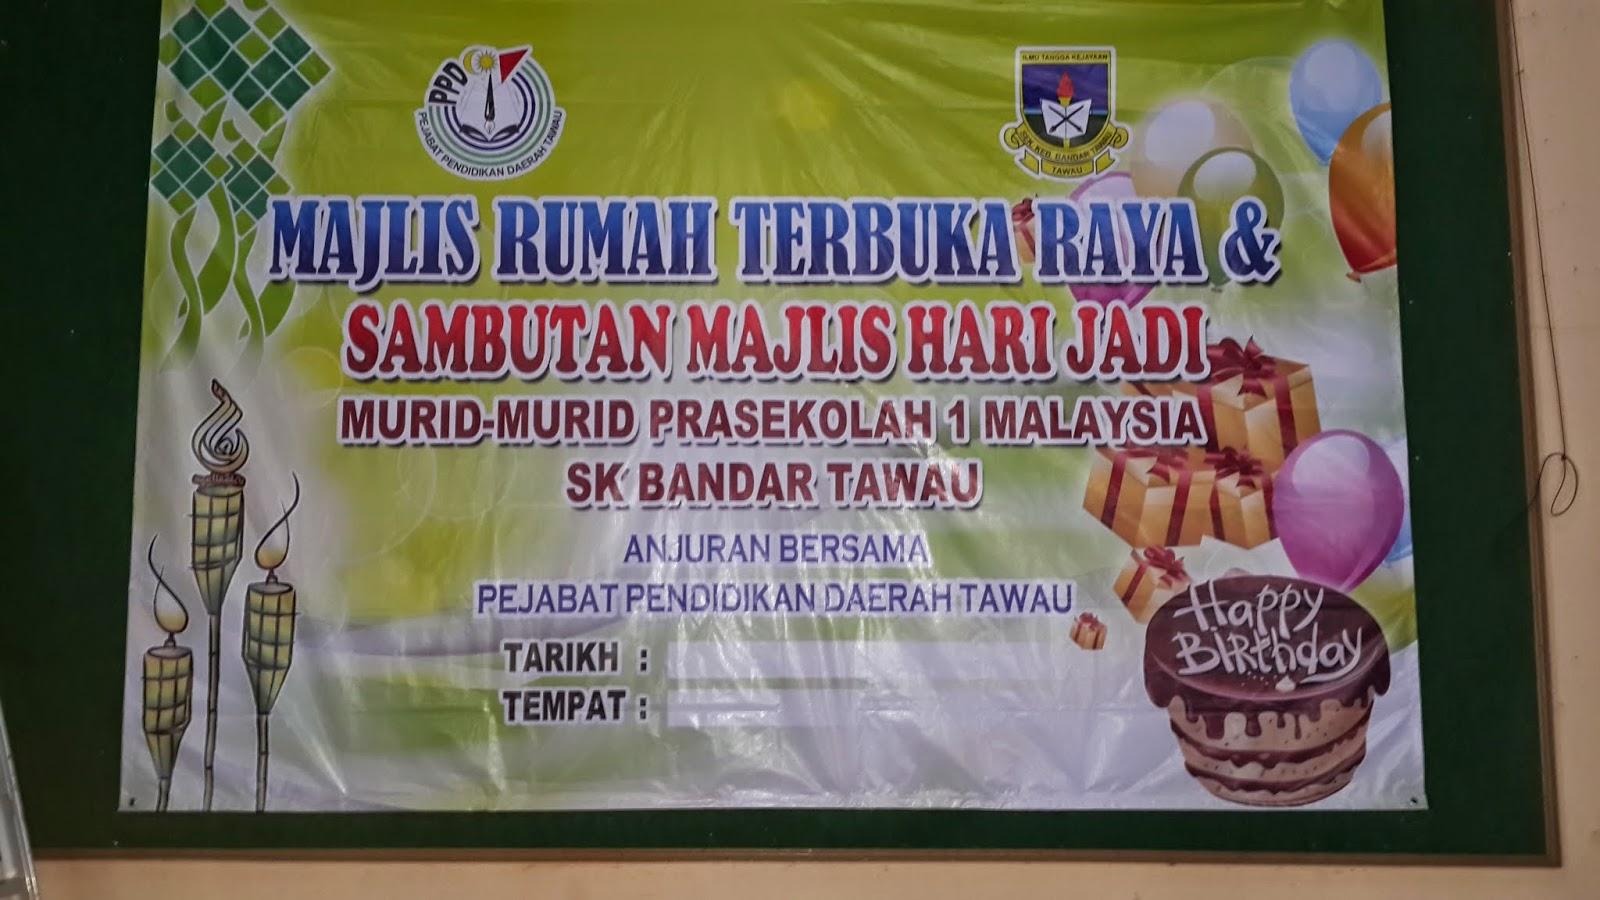 Sambutan Hari Raya PraSekolah 1Malaysia SK Bandar Tawau Dengan Kerjasama Unit PraSekolah PPD TAWAU